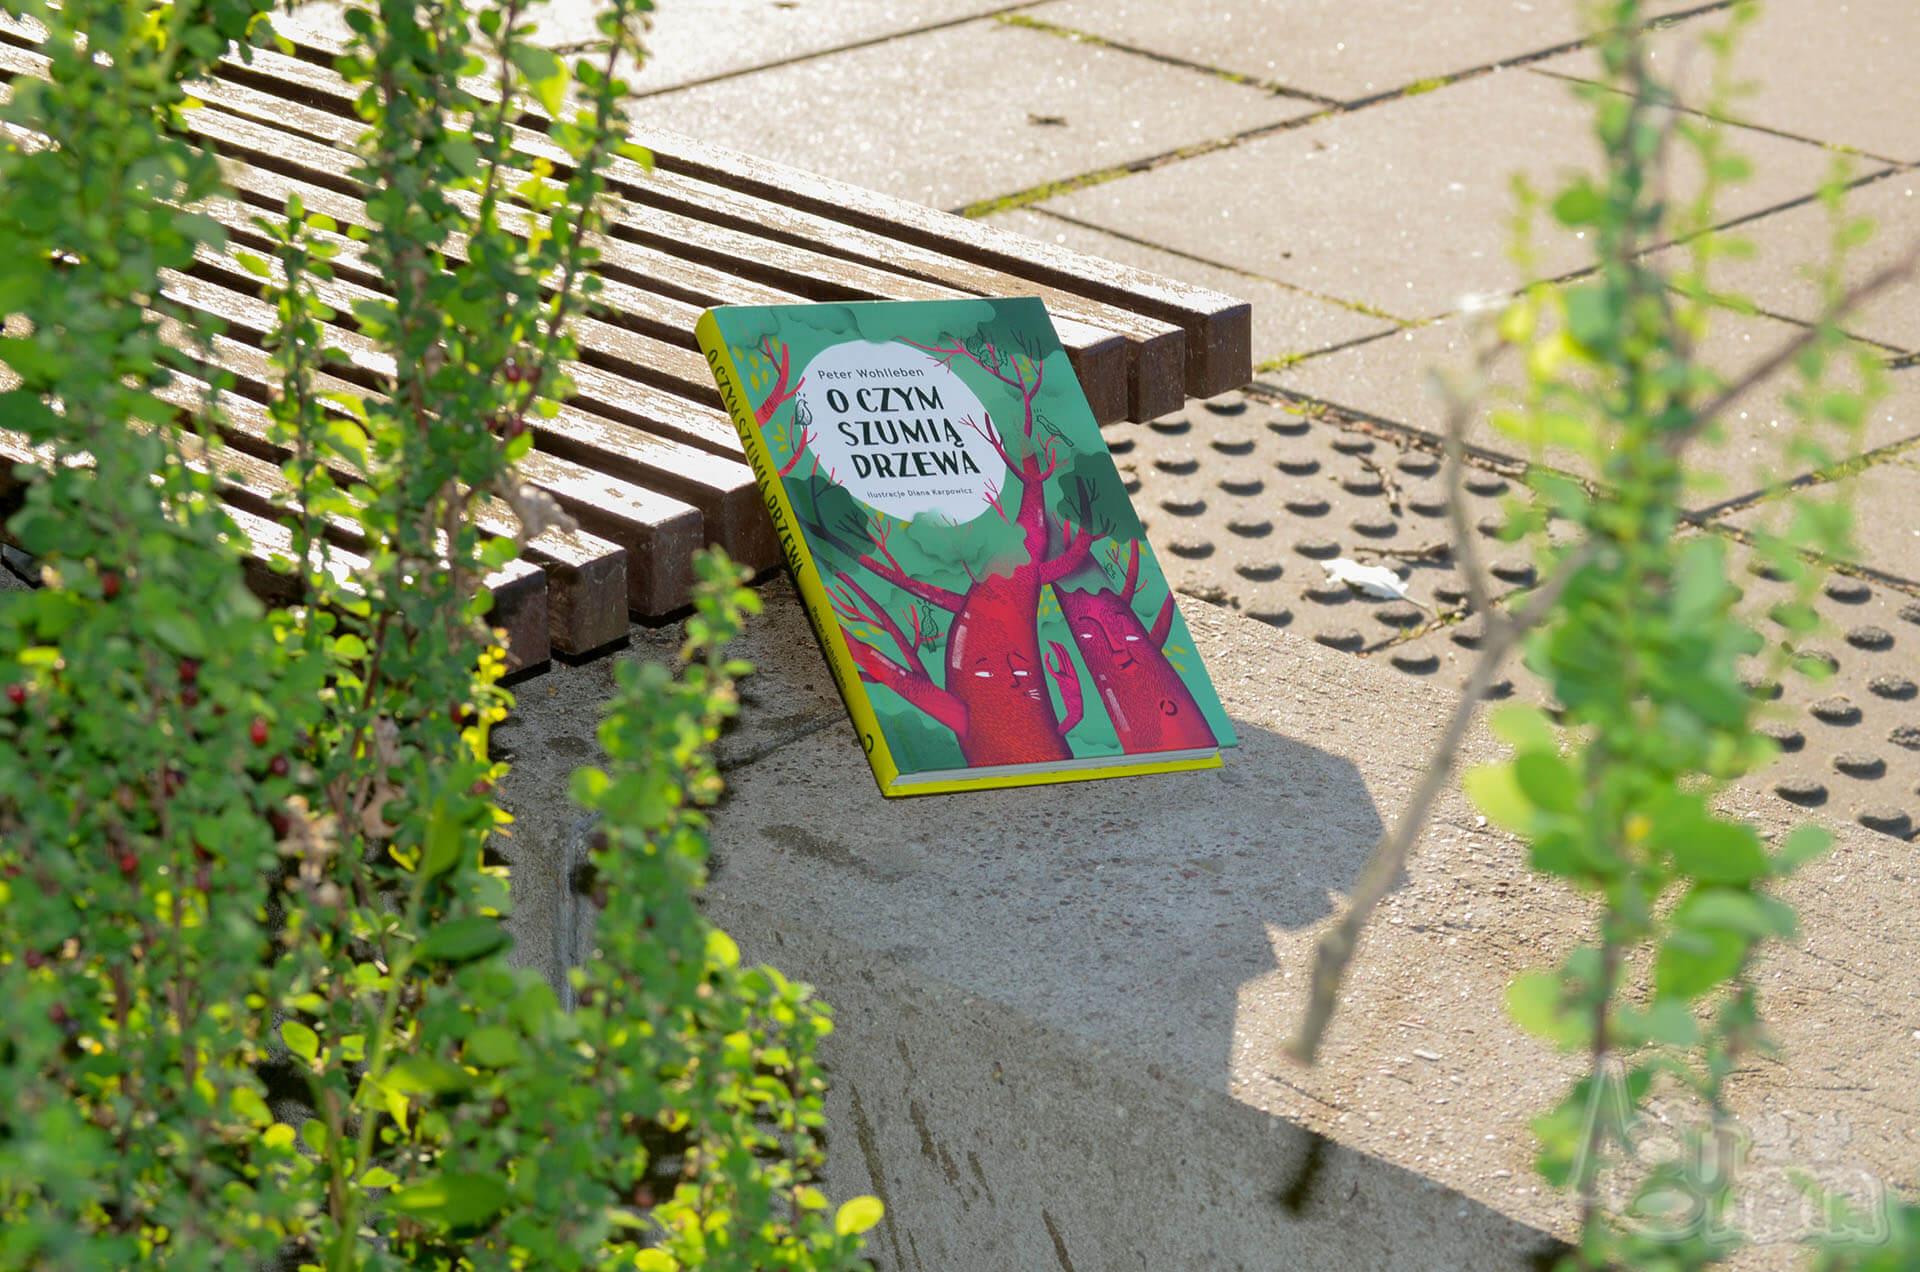 o czym szumią drzewa książka na ławce